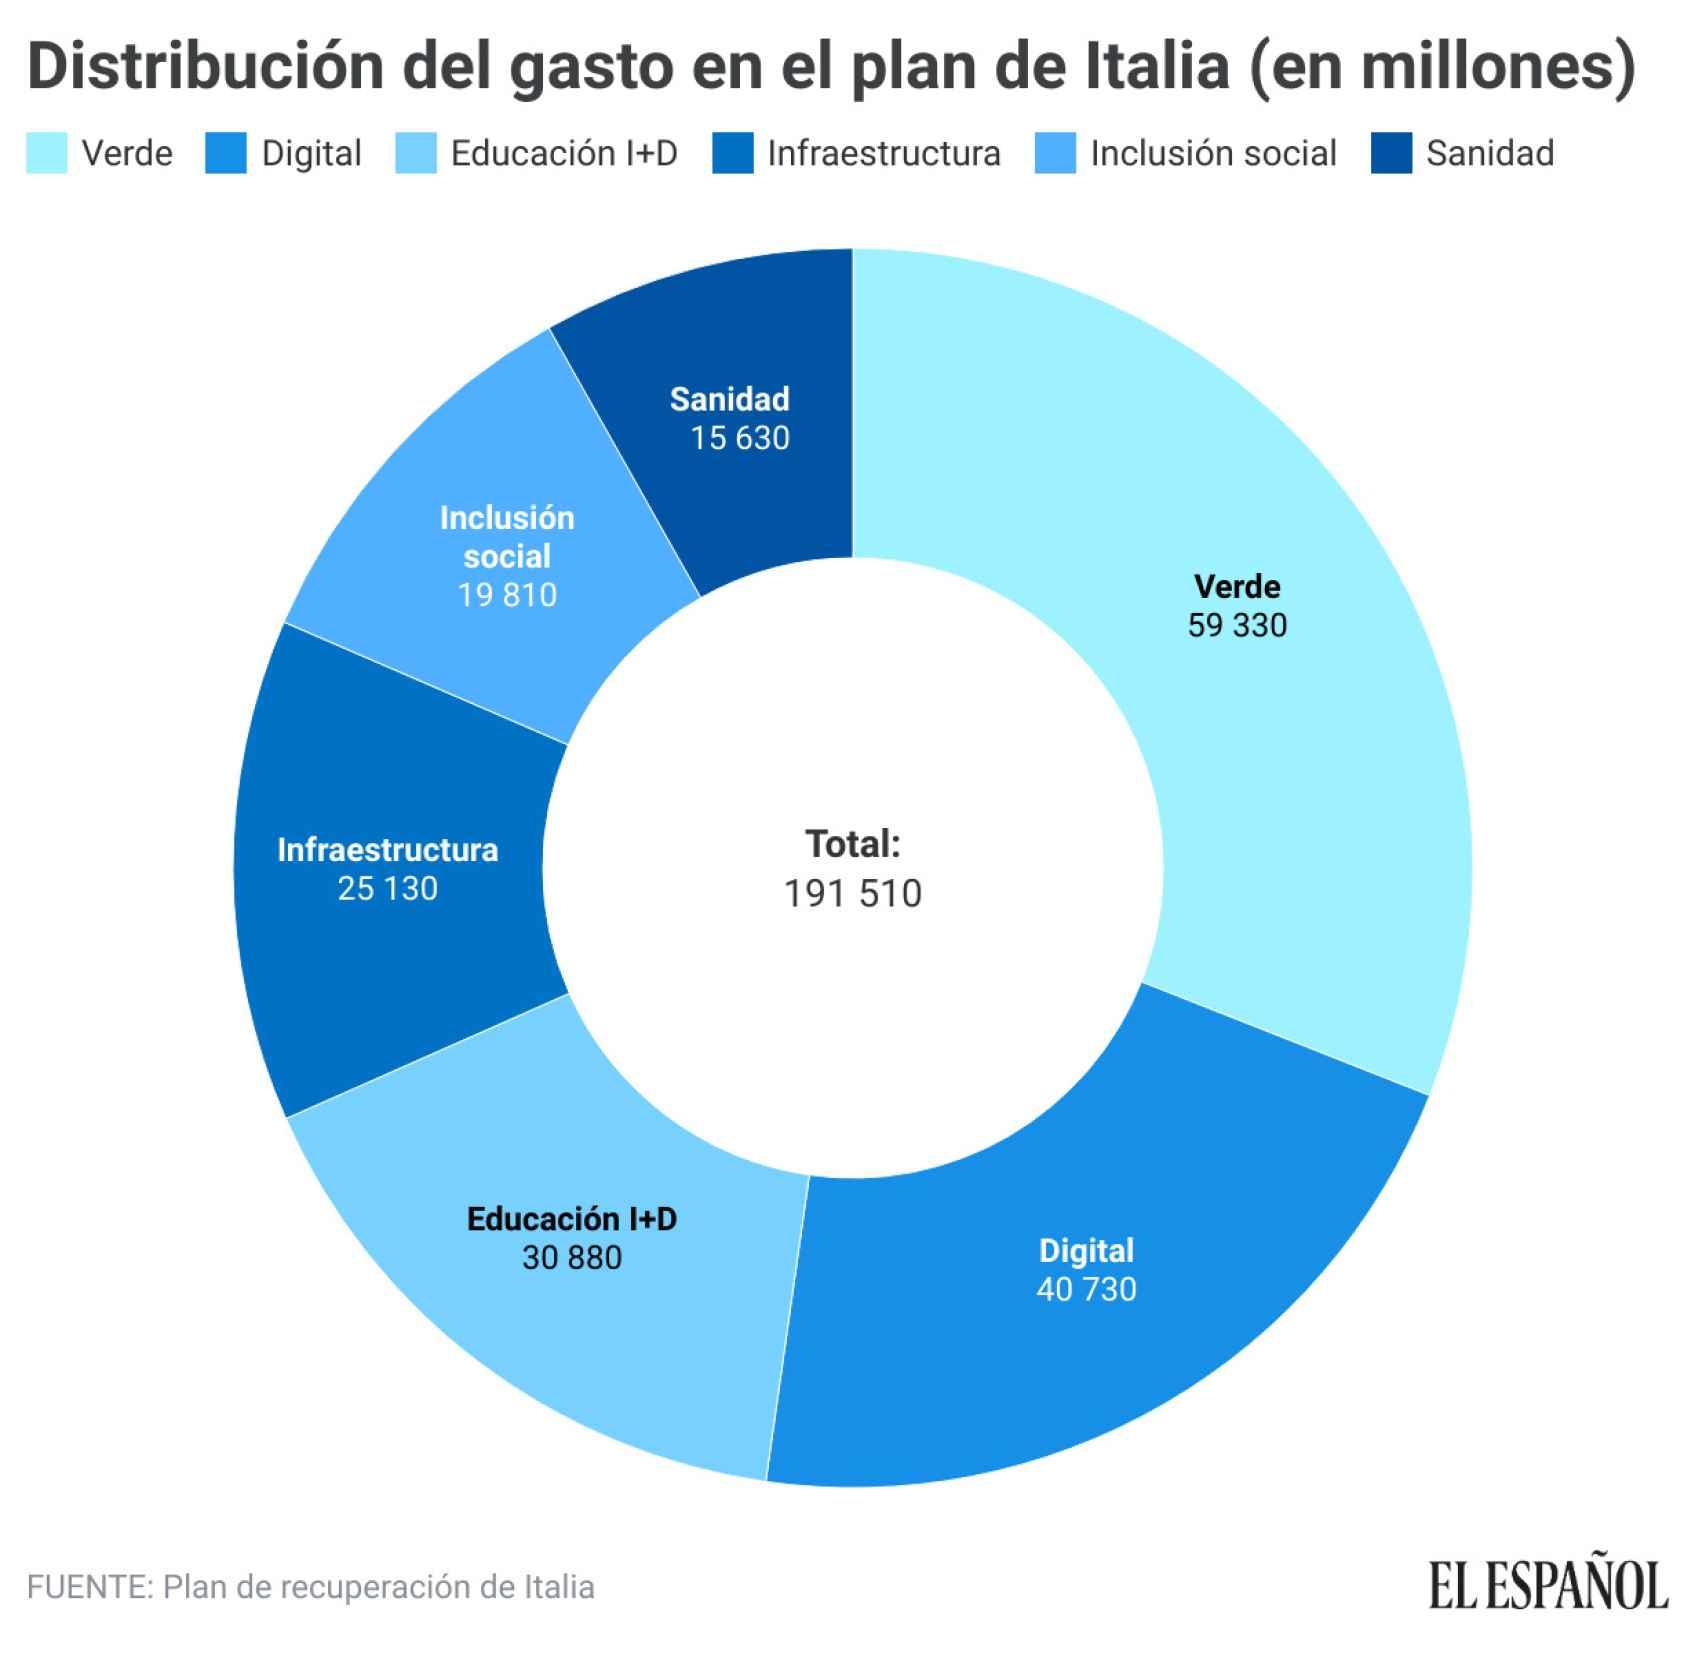 Distribución del gasto en el plan de recuperación de Italia